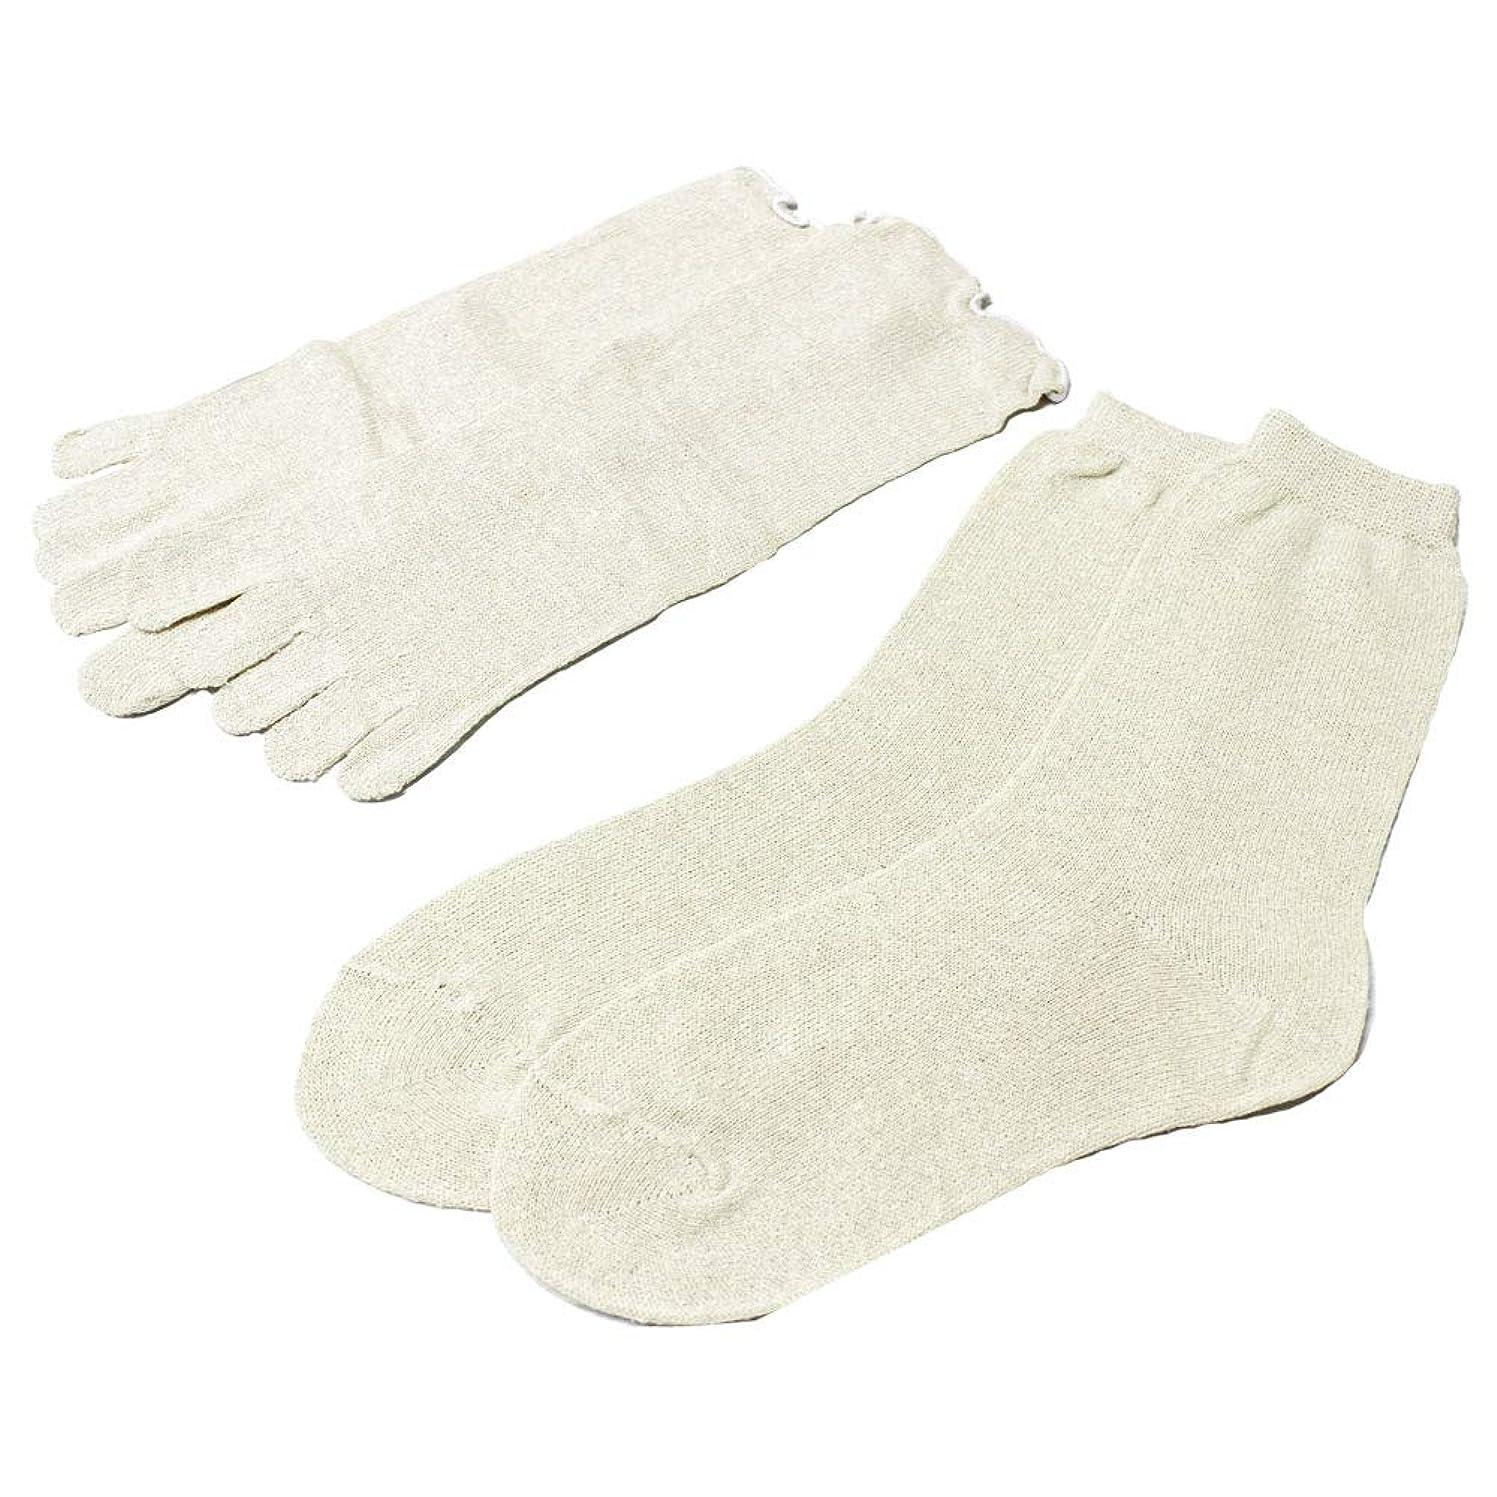 欠席ぞっとするようなルーチンひえとり靴下 シルク 冷え取り靴下 シルク 重ね履き インナーソックス 5本指 くつした